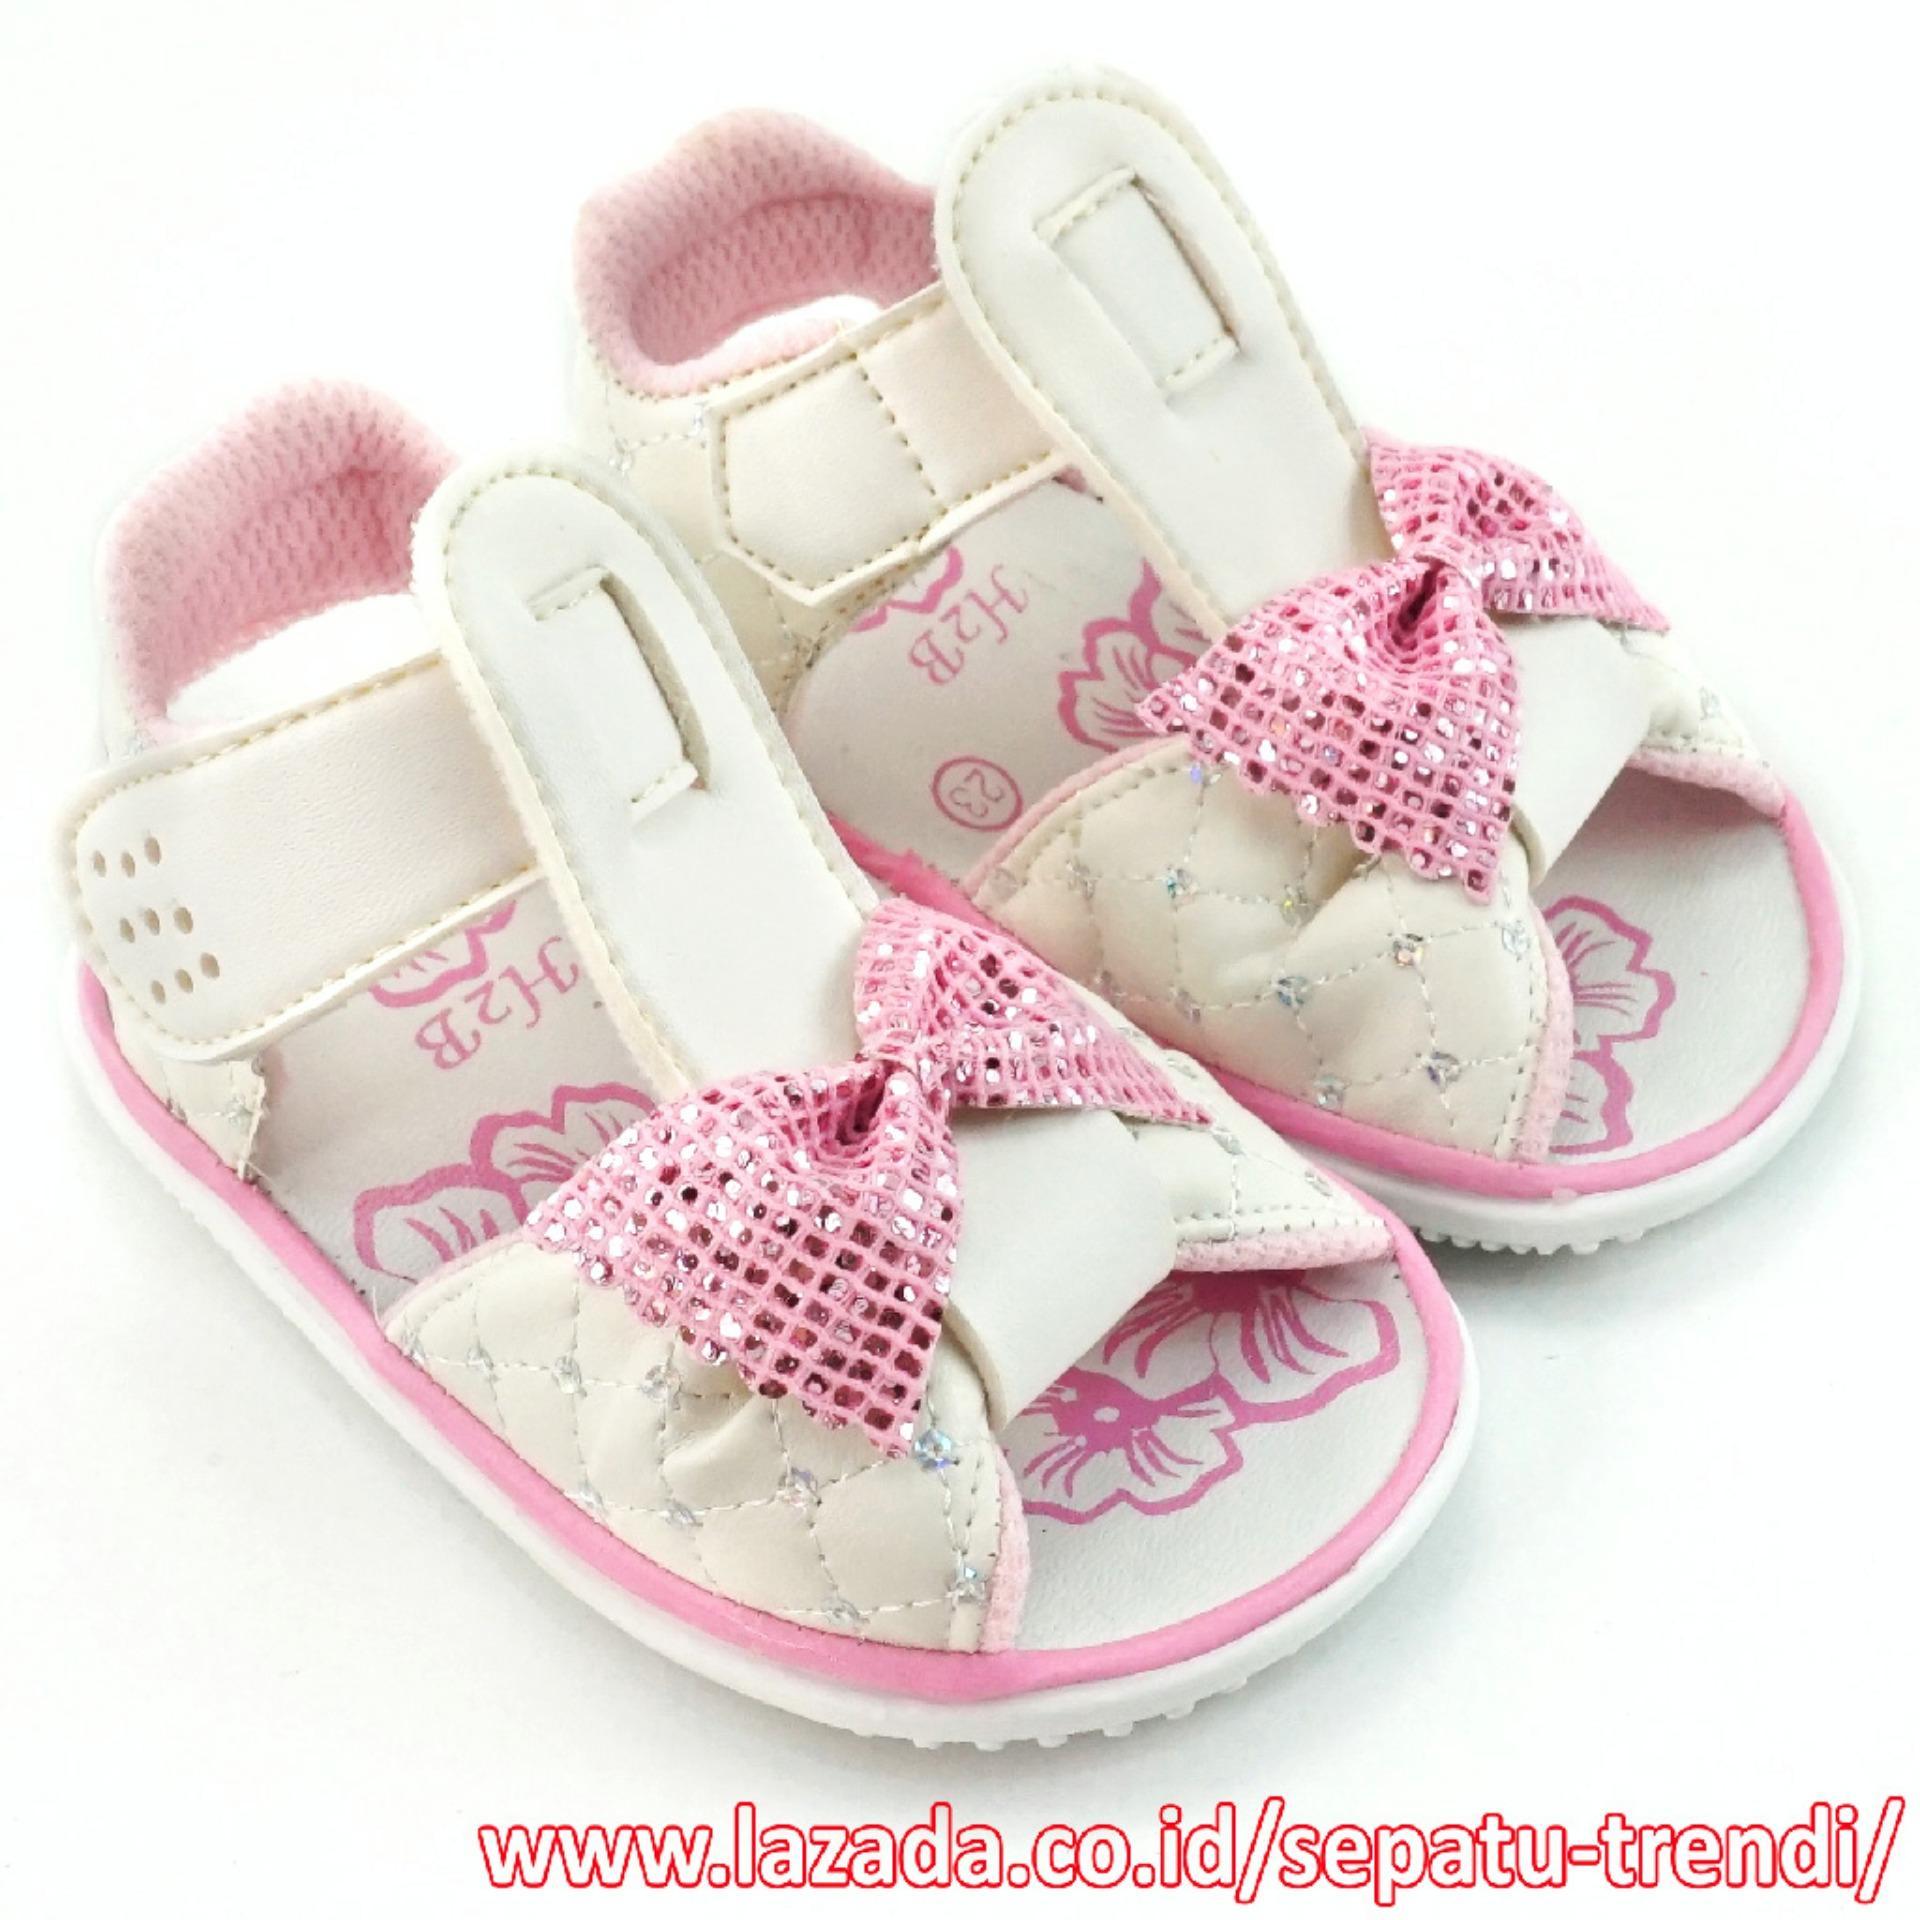 Harga Trendishoes Sandal Bunyi Anak Perempuan Pita Putih Original